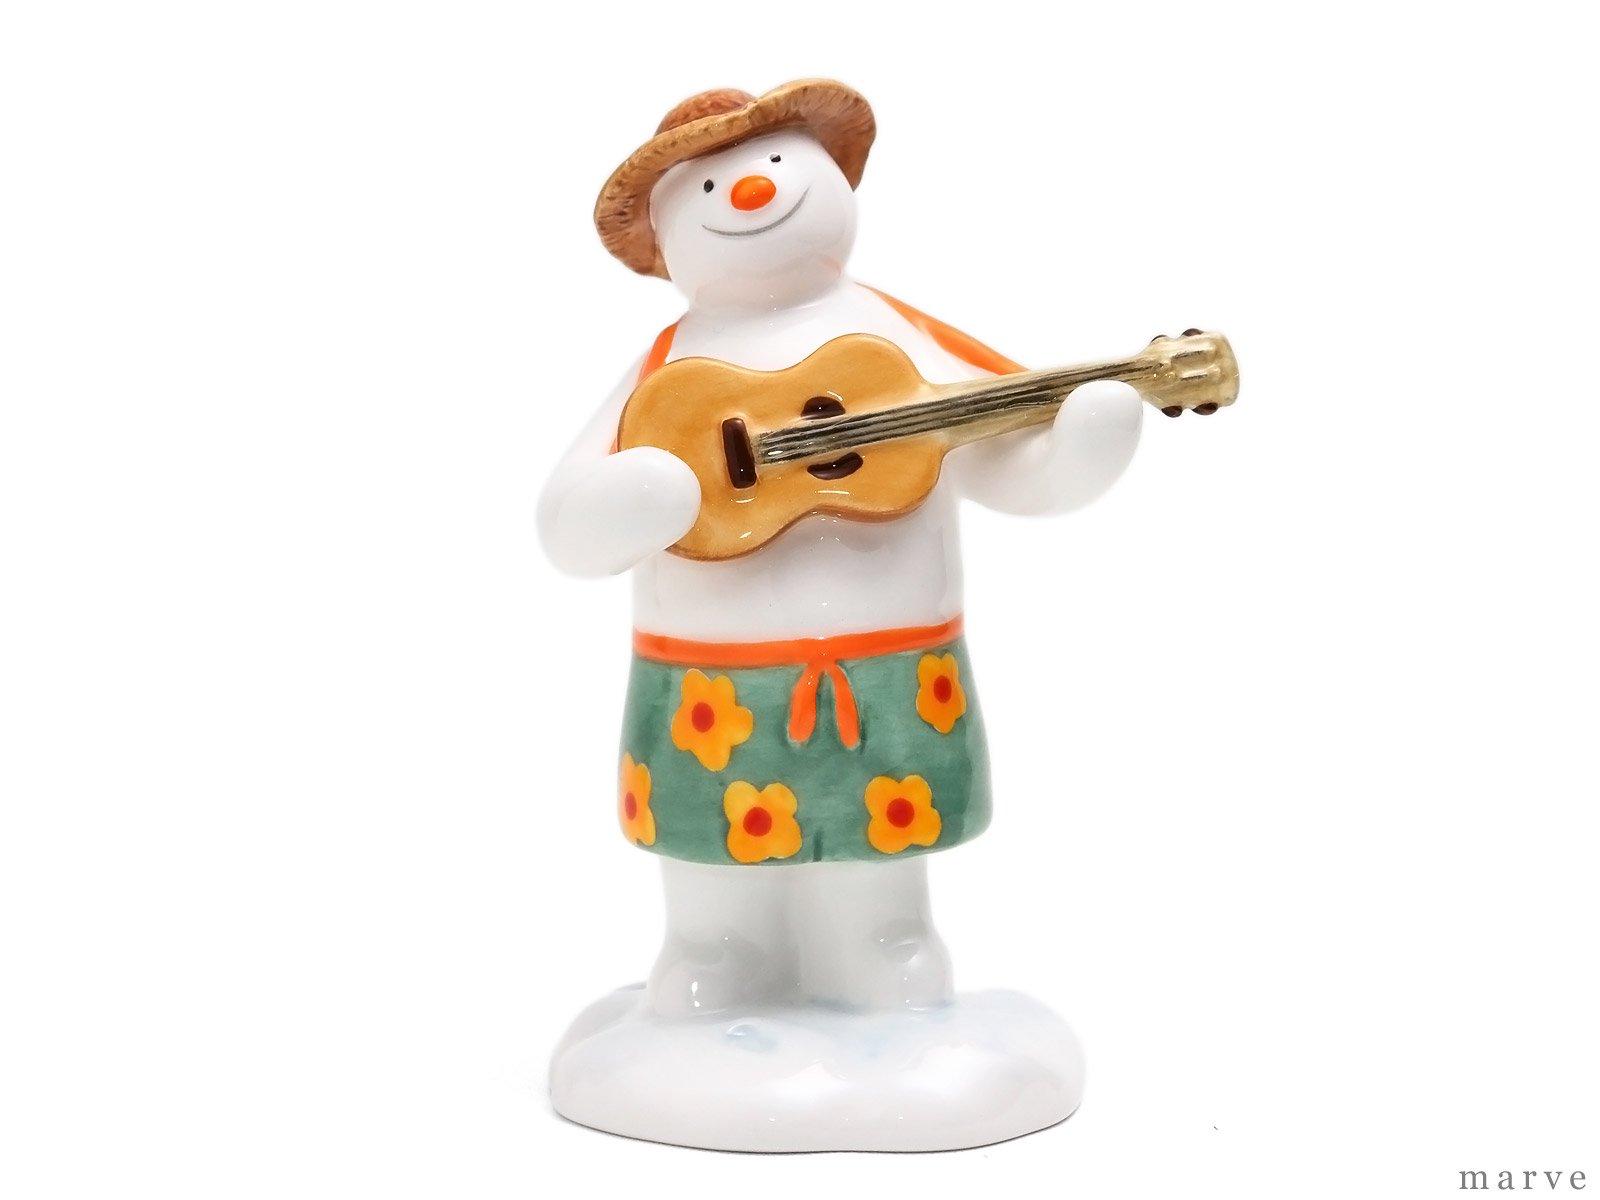 The Snowman フィギュリン ハワイアンスノーマン